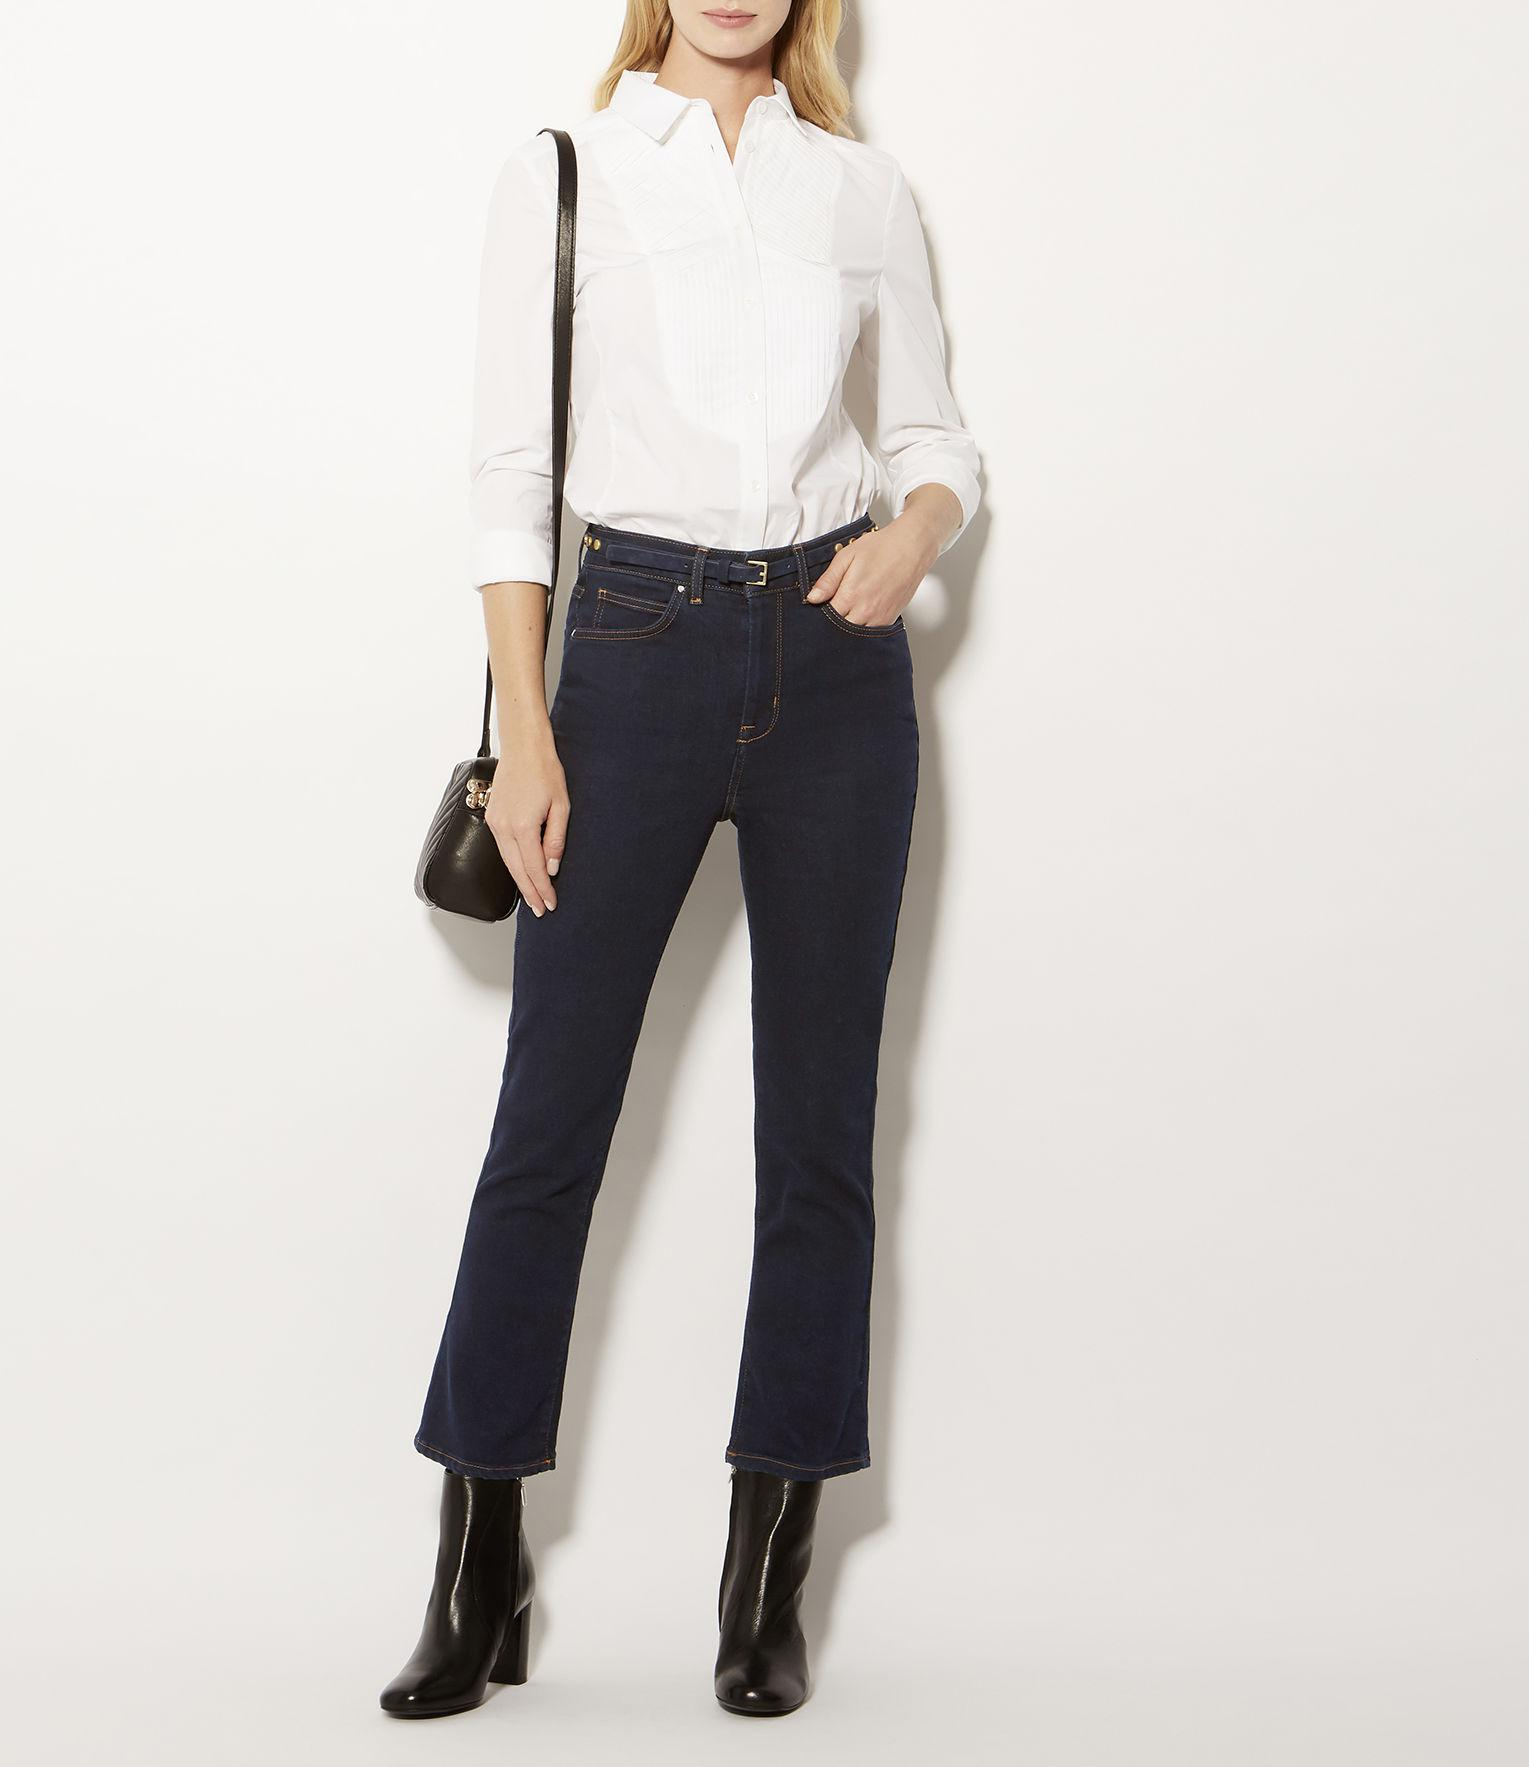 Karen Millen Kick-flare Jeans - Denim in Blue